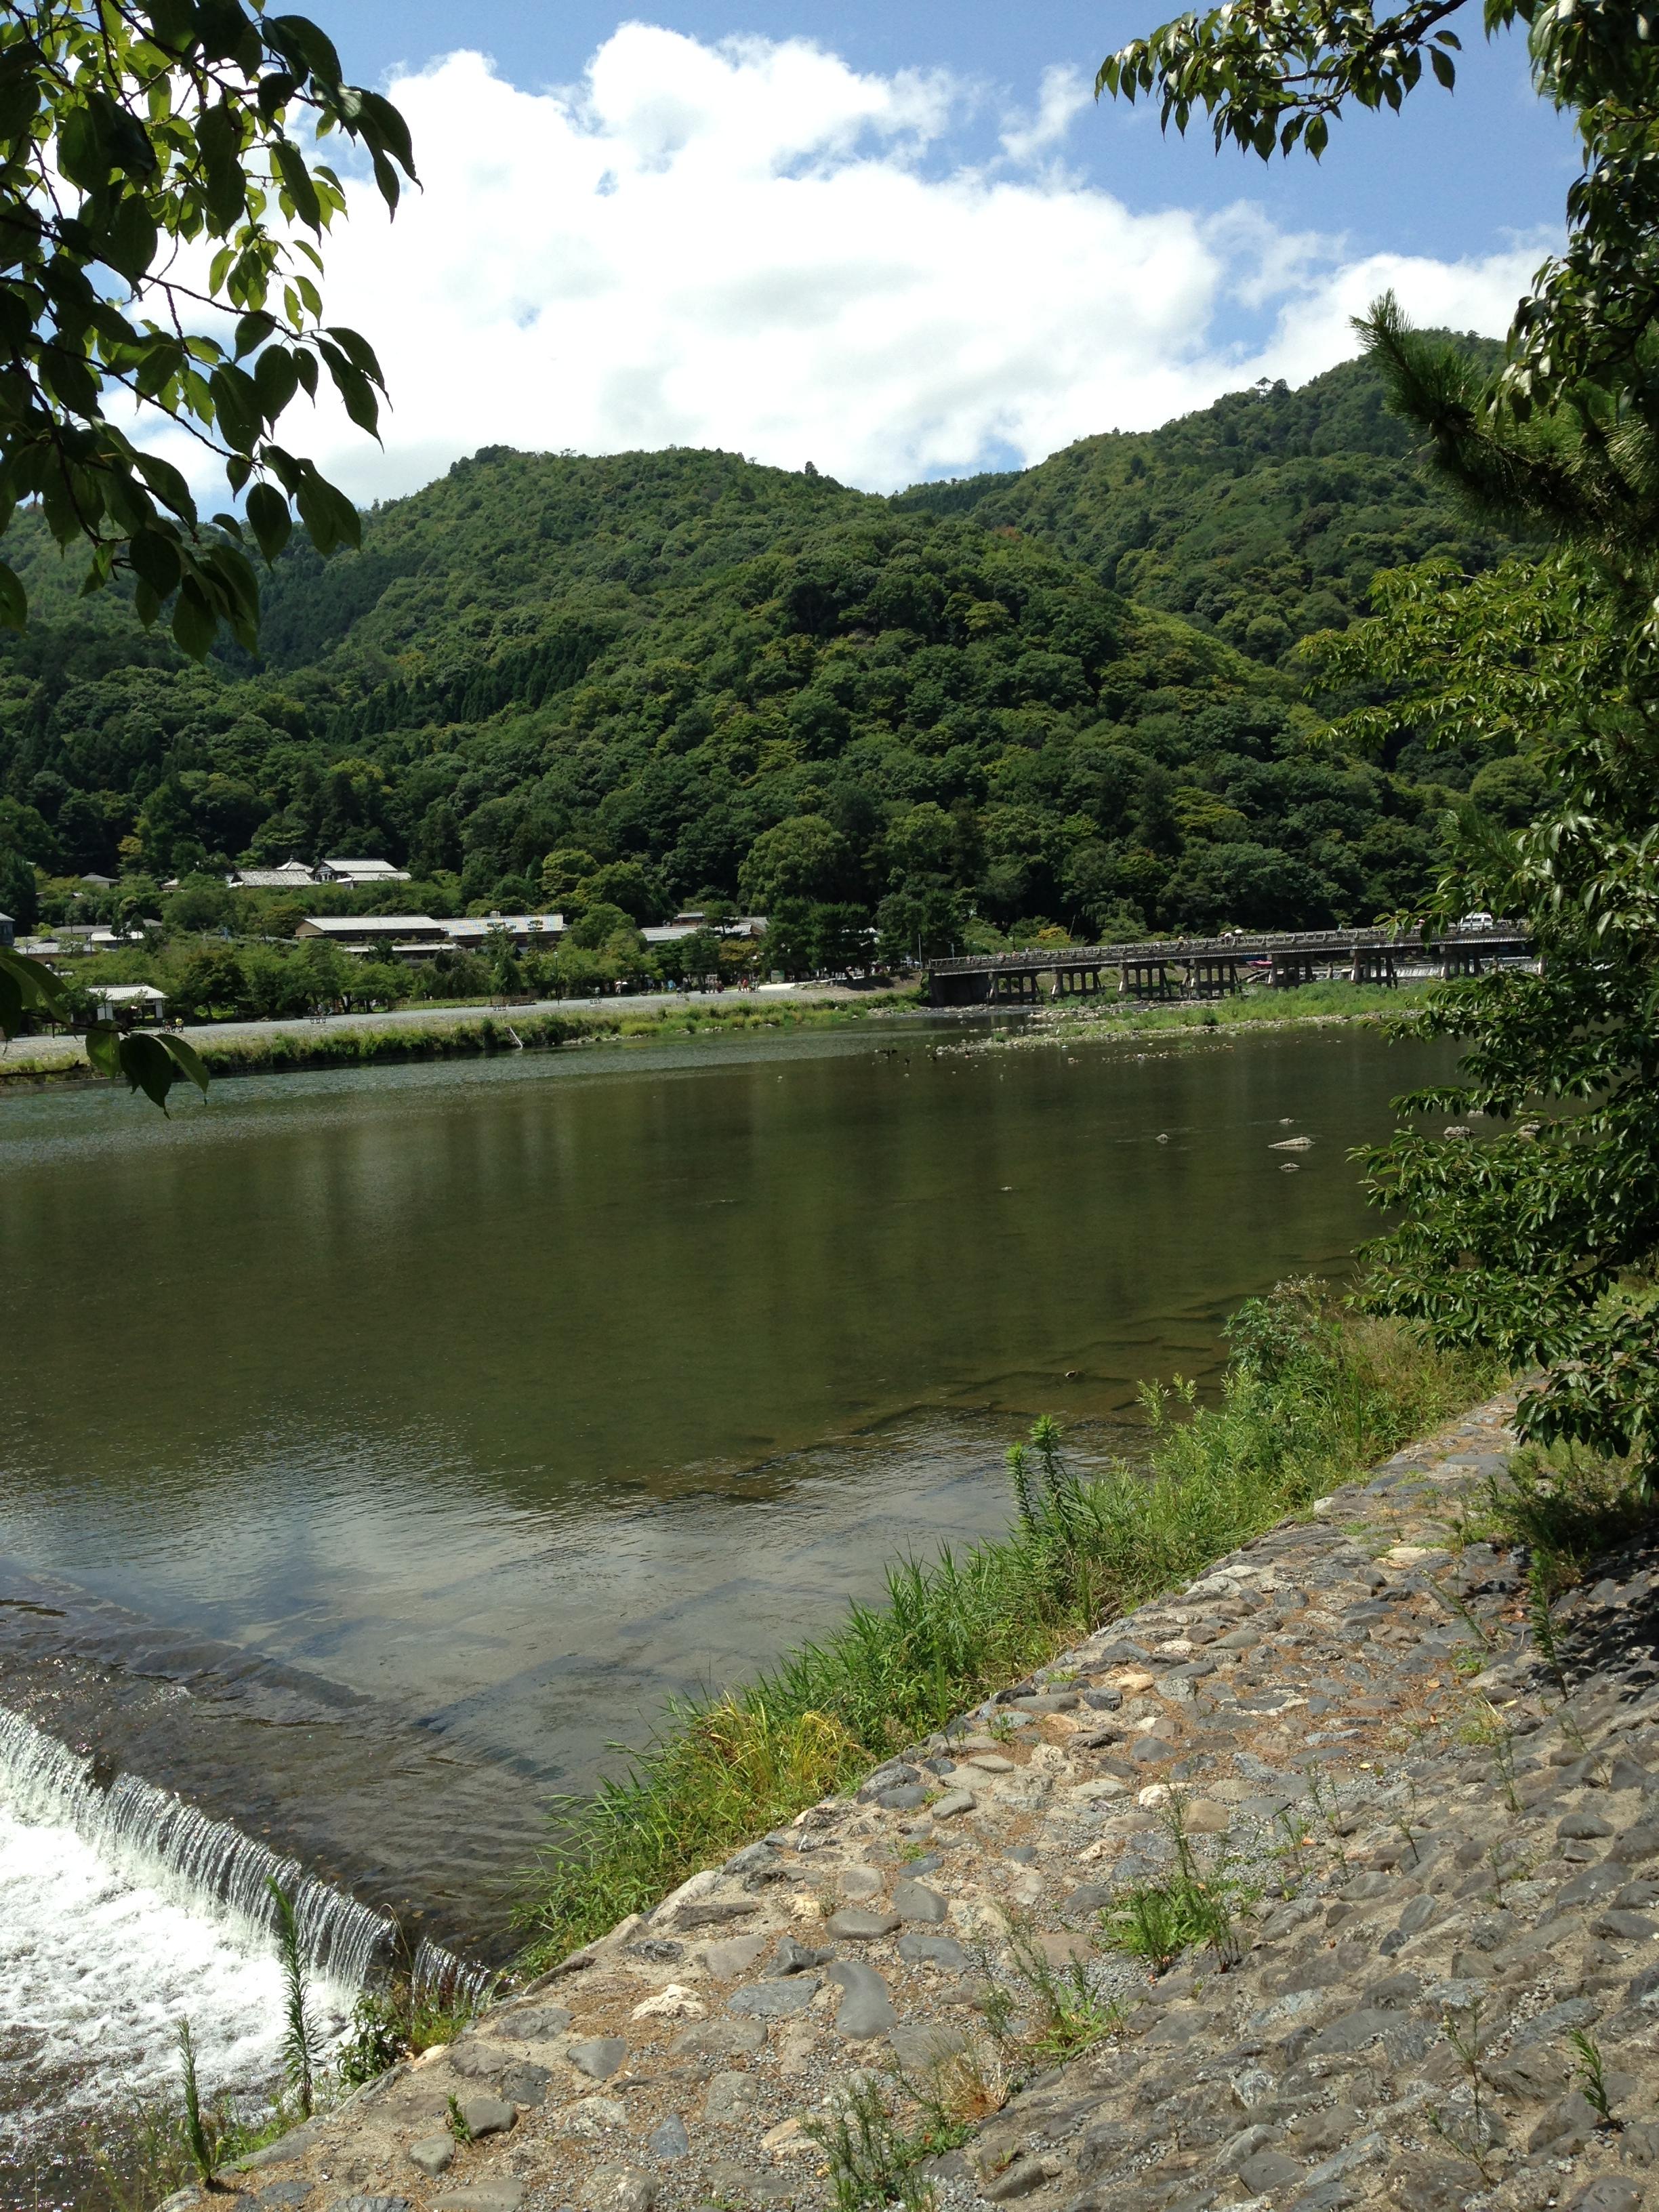 日本七日高松-冈山-新大阪-大阪(冈山城和后乐园,仓敷